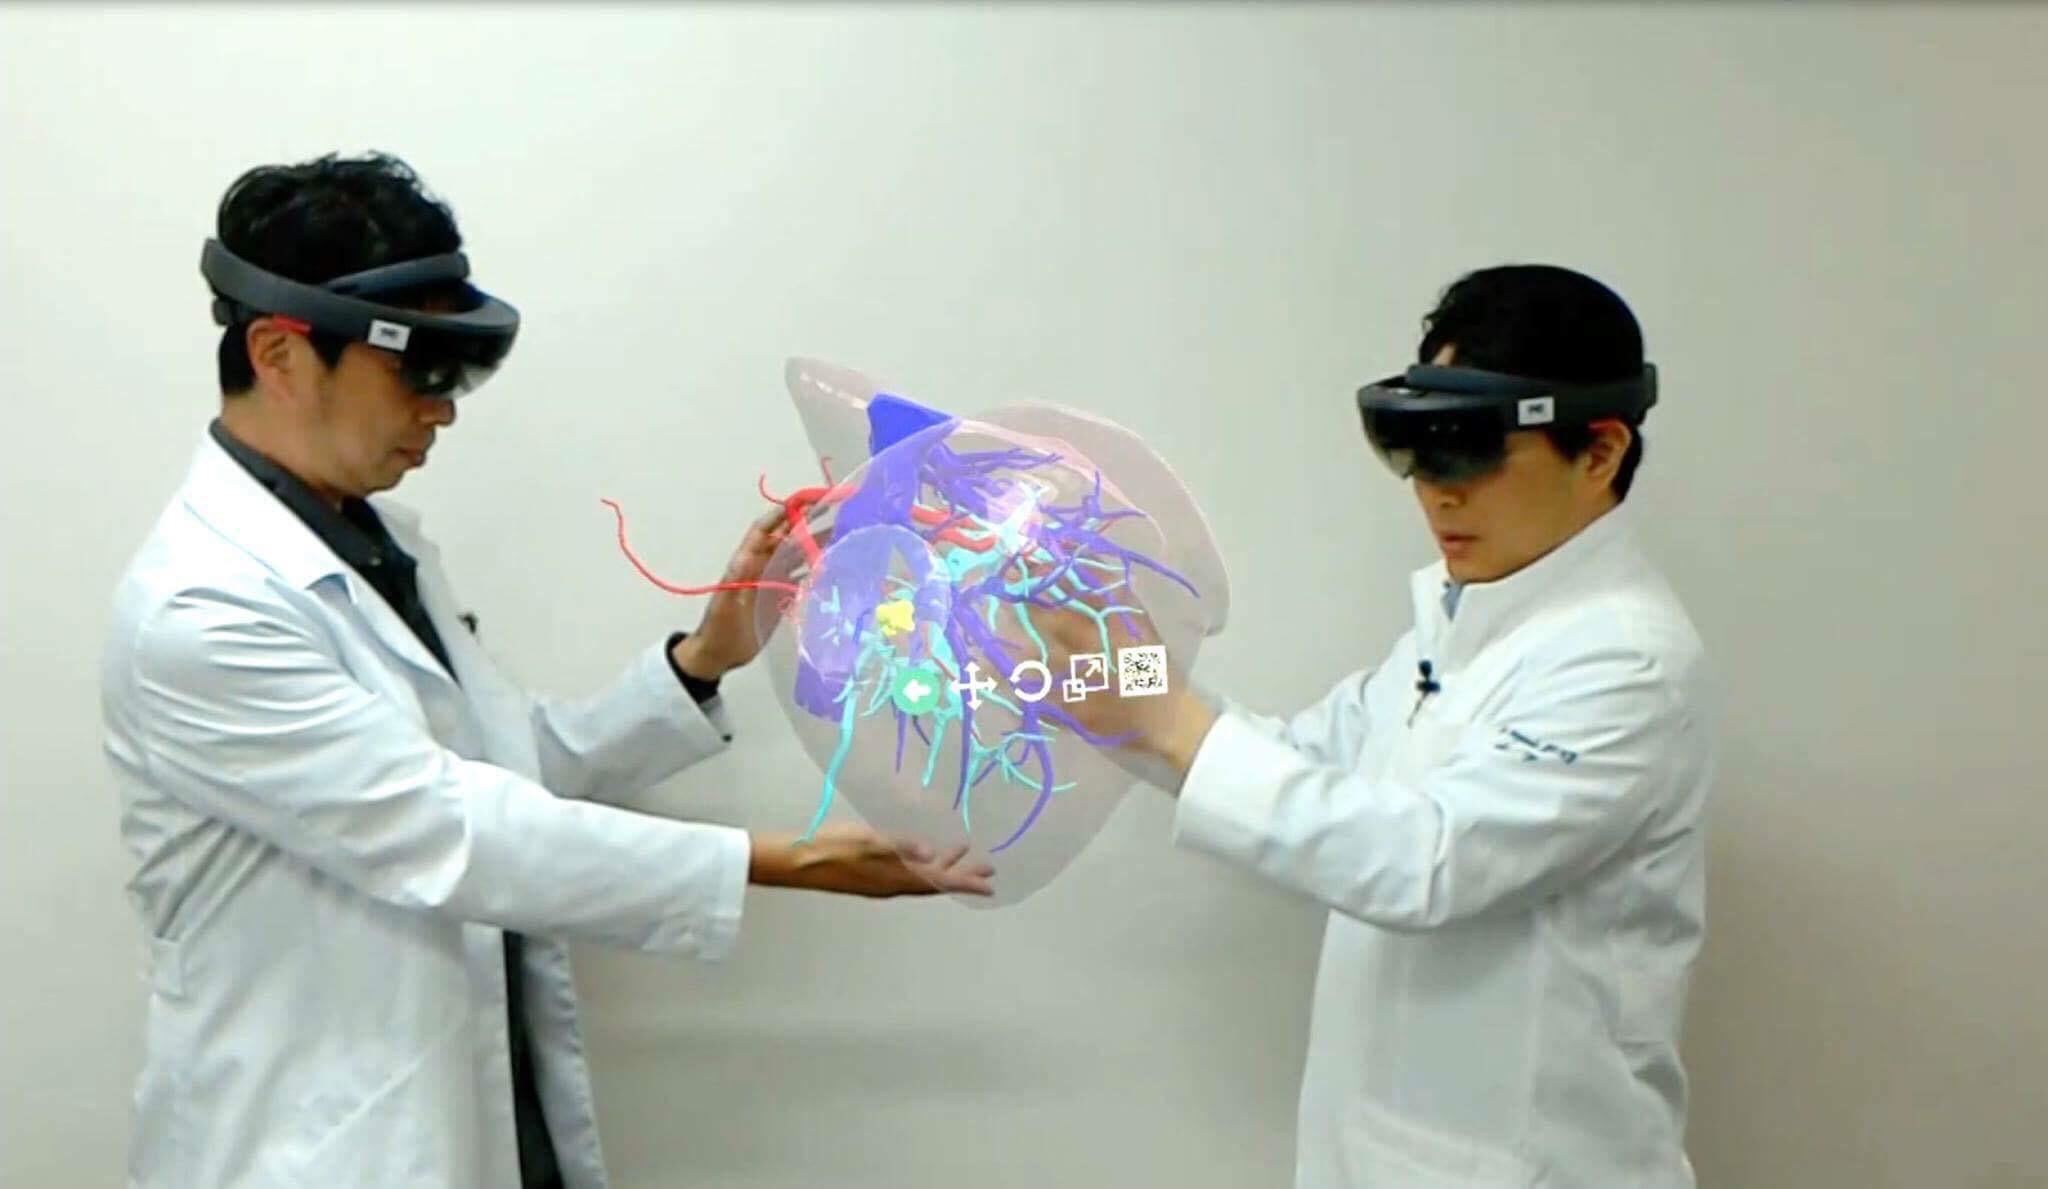 VRイベント,緊急開催!! VR/AR/MR × Life Science Meetup,イメージ